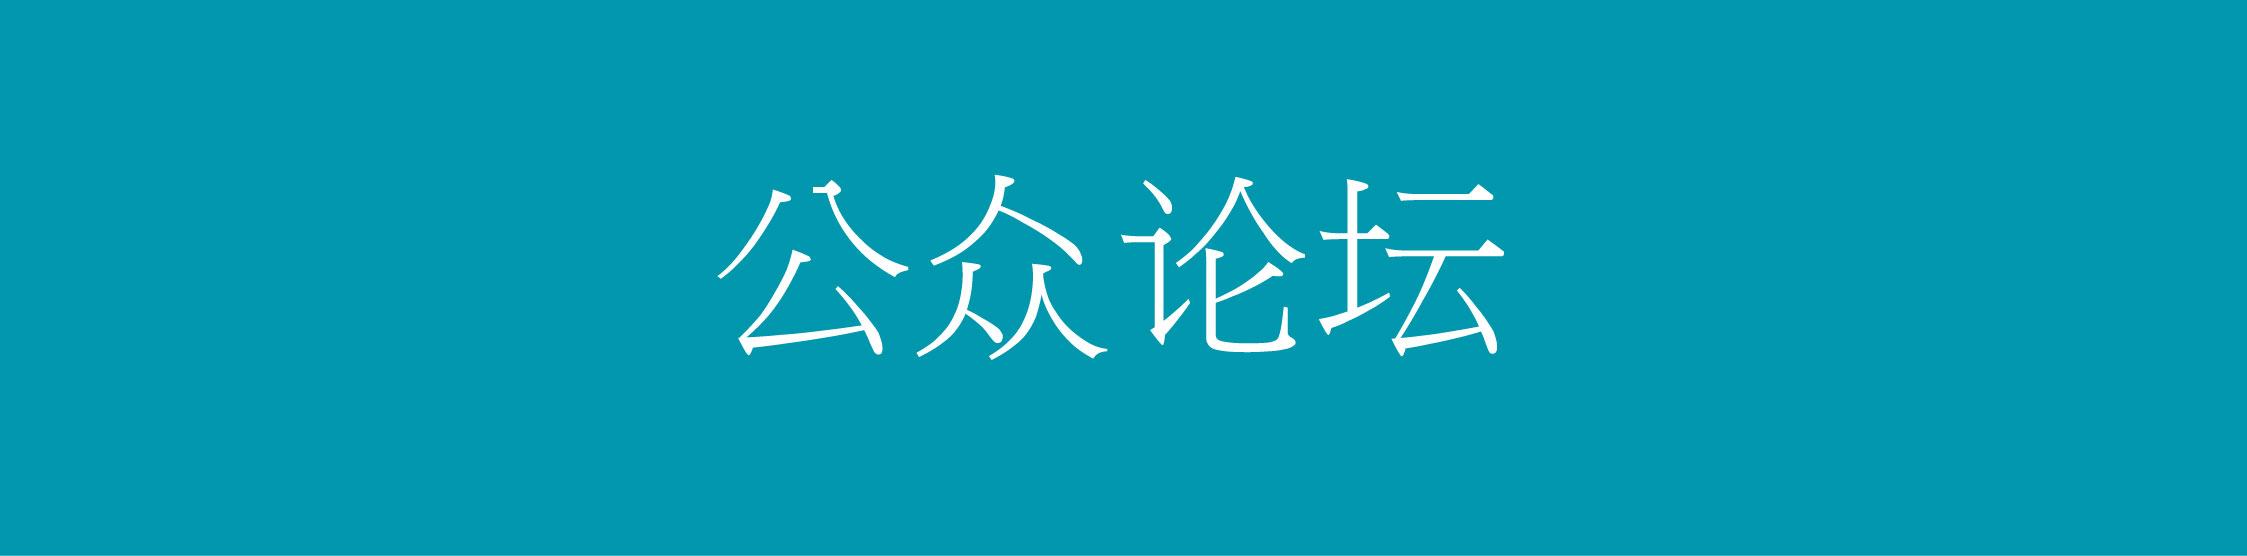 - 2019年3月2019年3月2日 (星期六)上午10时2019年3月30日 (星期六)上午10时地點: 香港科学馆演讲厅简介资料 (请在此下载 )